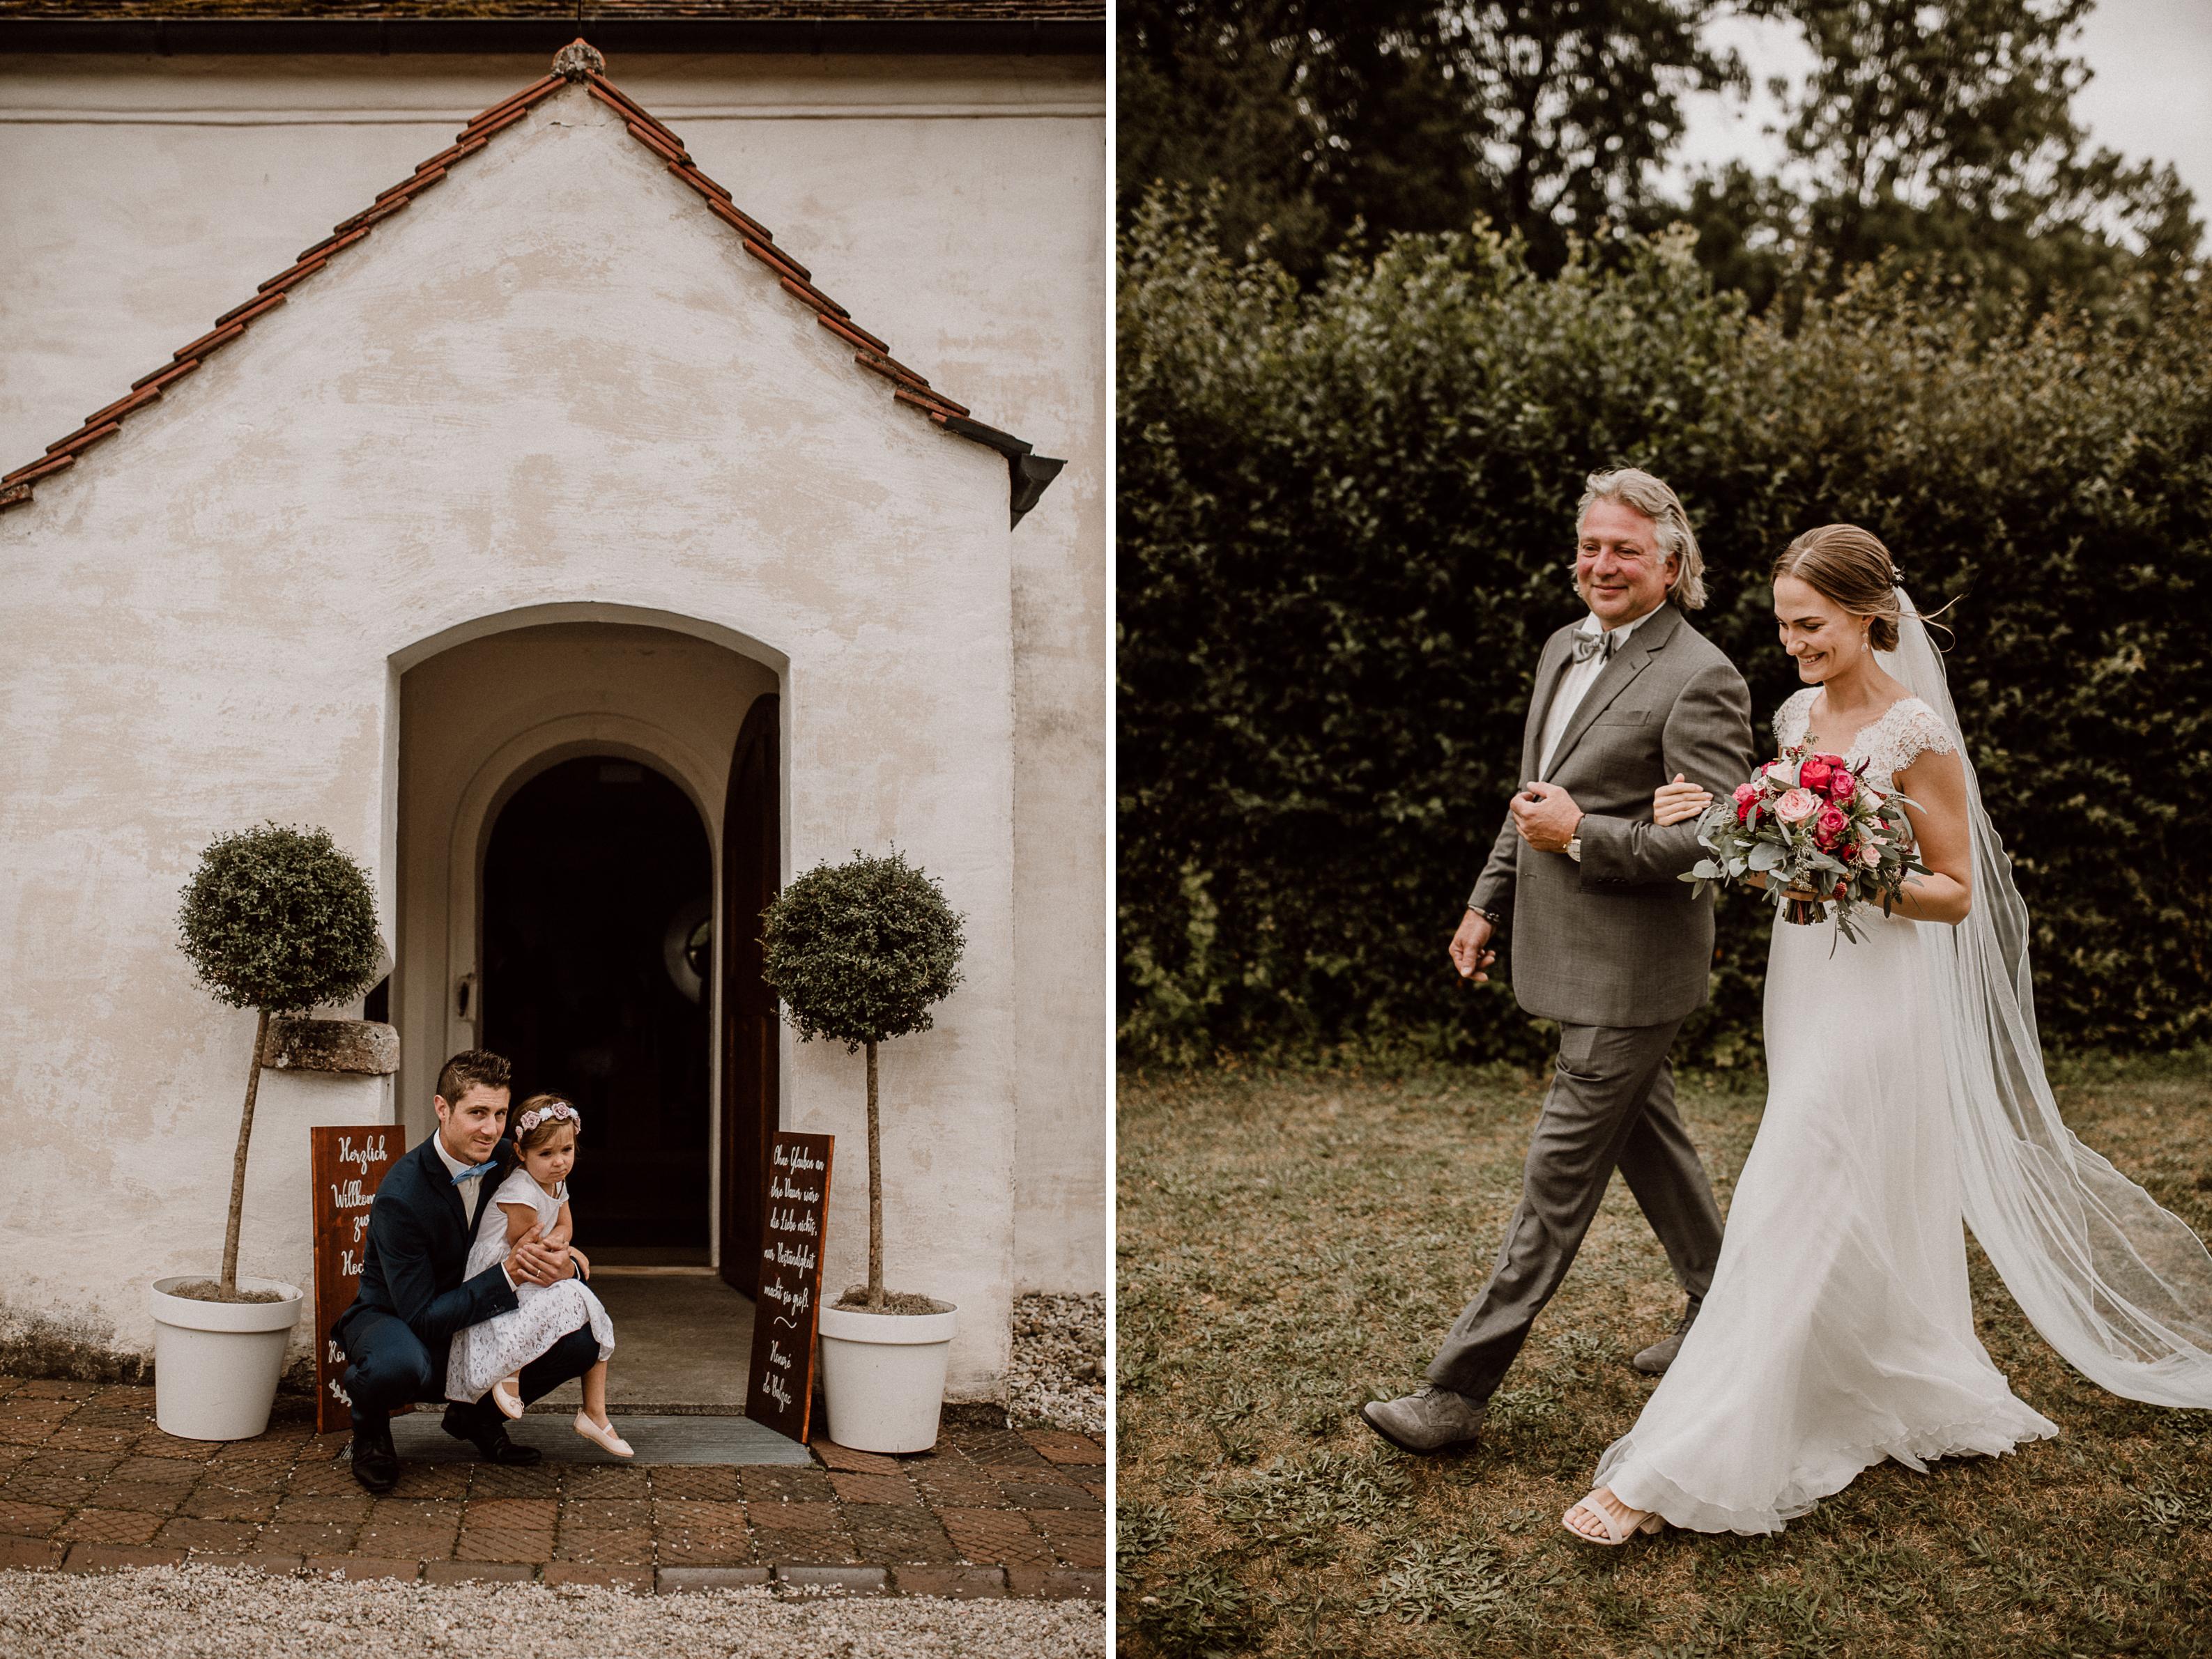 einzug blumenmädchen sonja poehlmann photography couples muenchen bayern